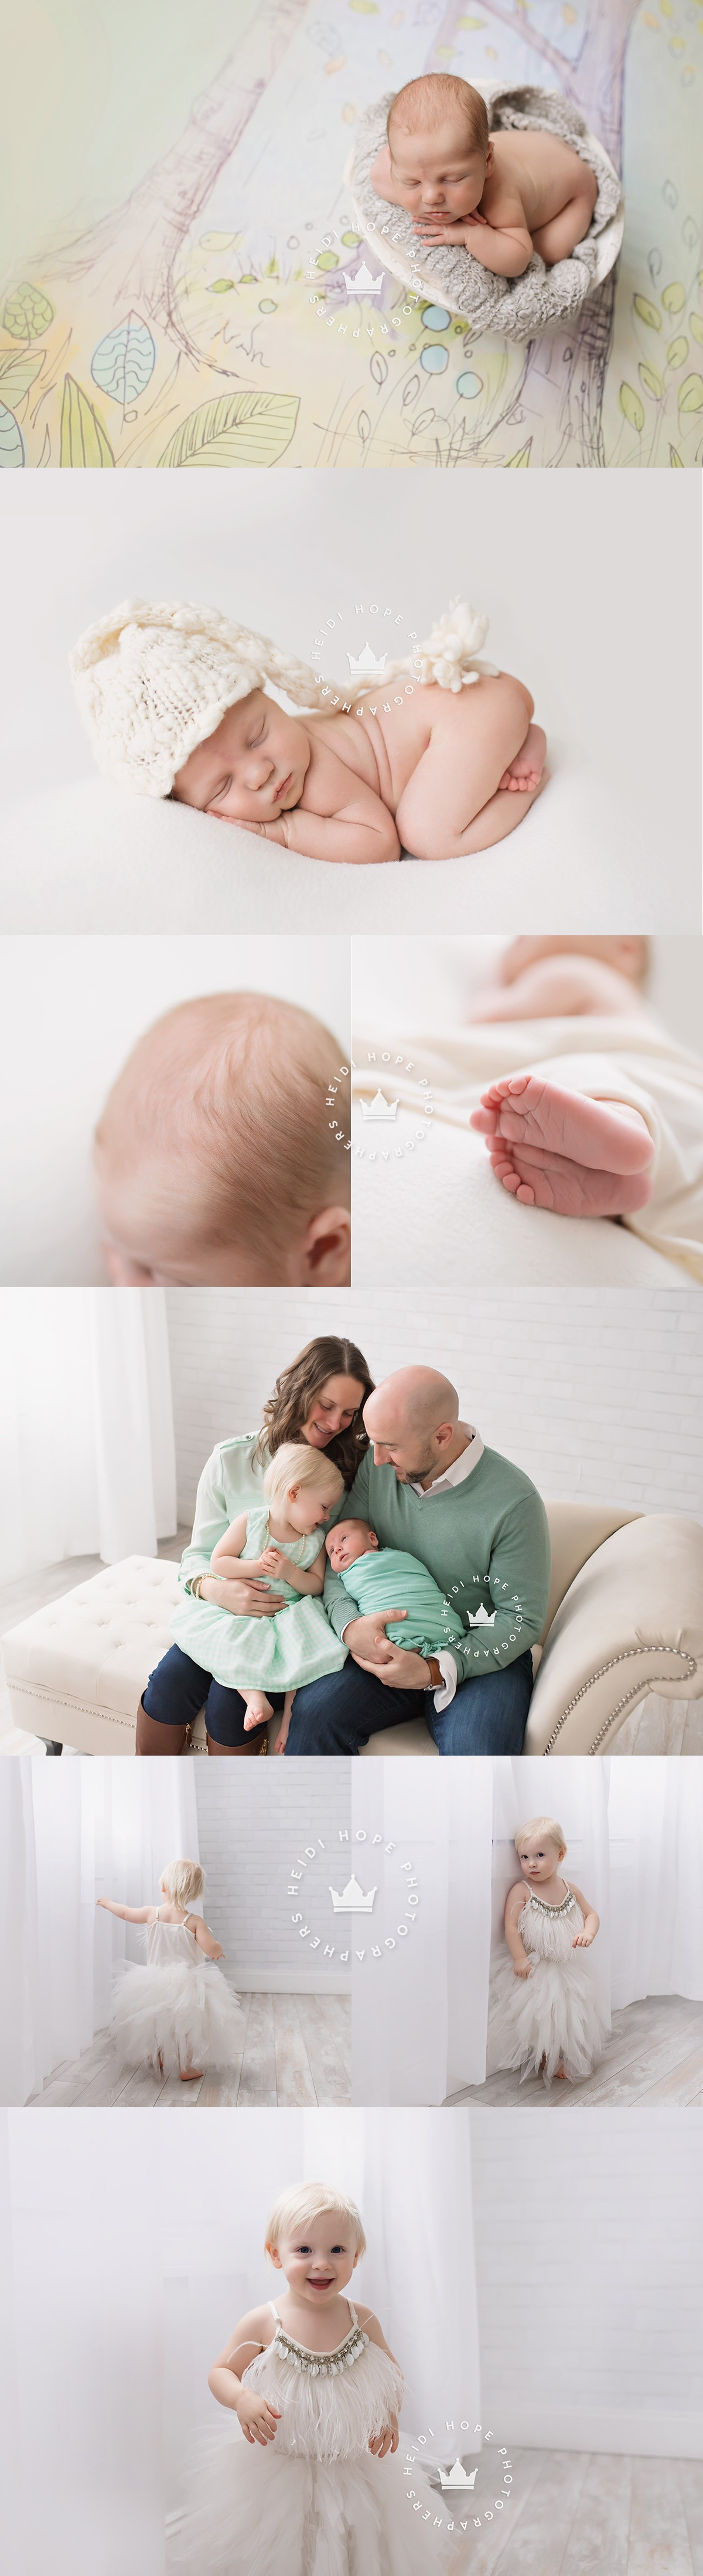 heidi hope newborn photography